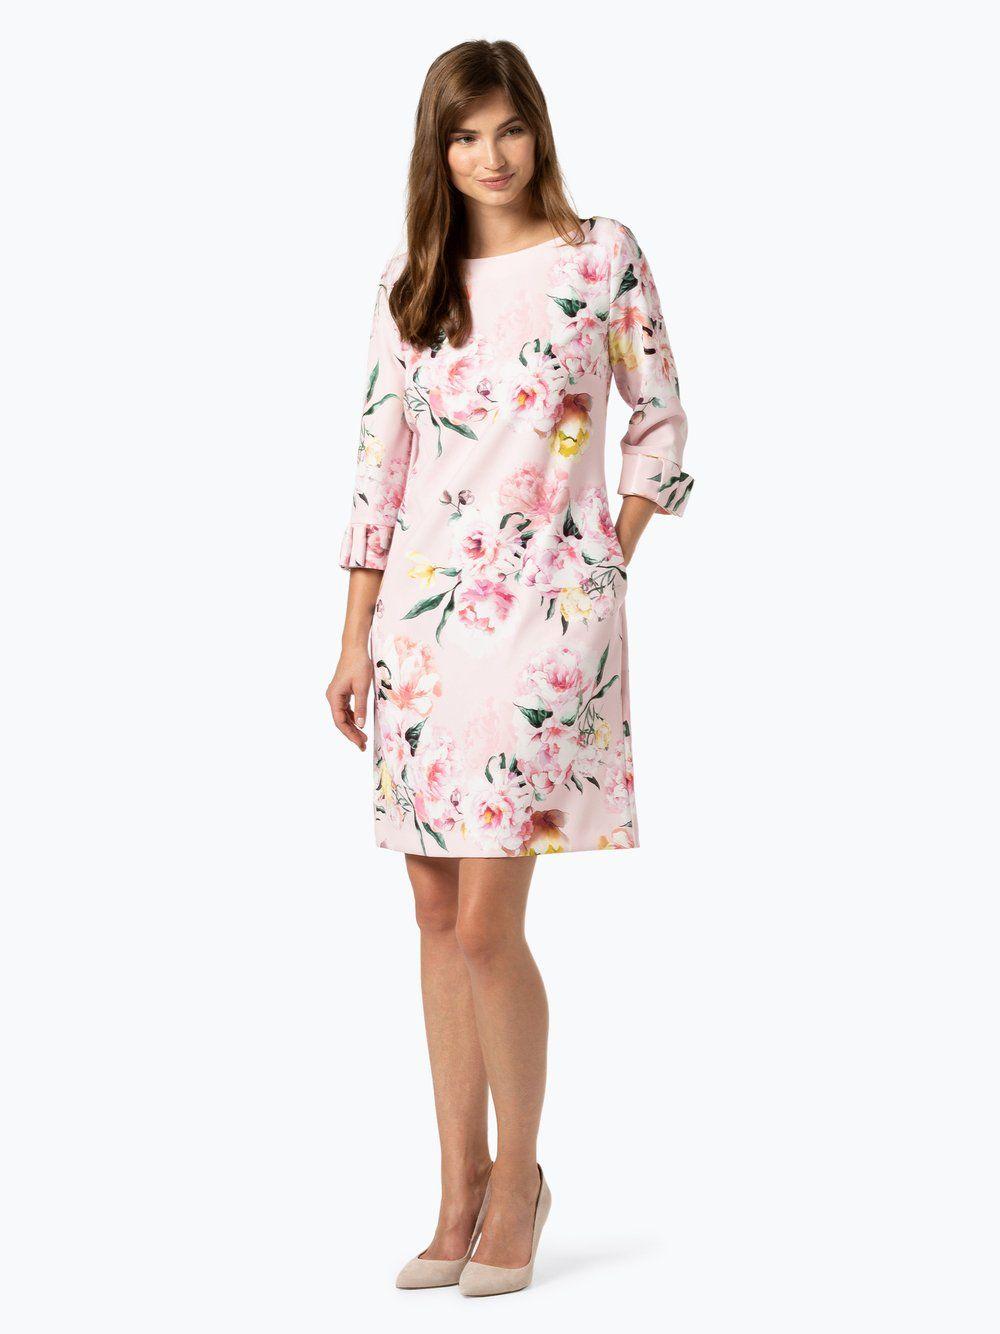 Damen Kleid  Kleider, Vera mont und Damen